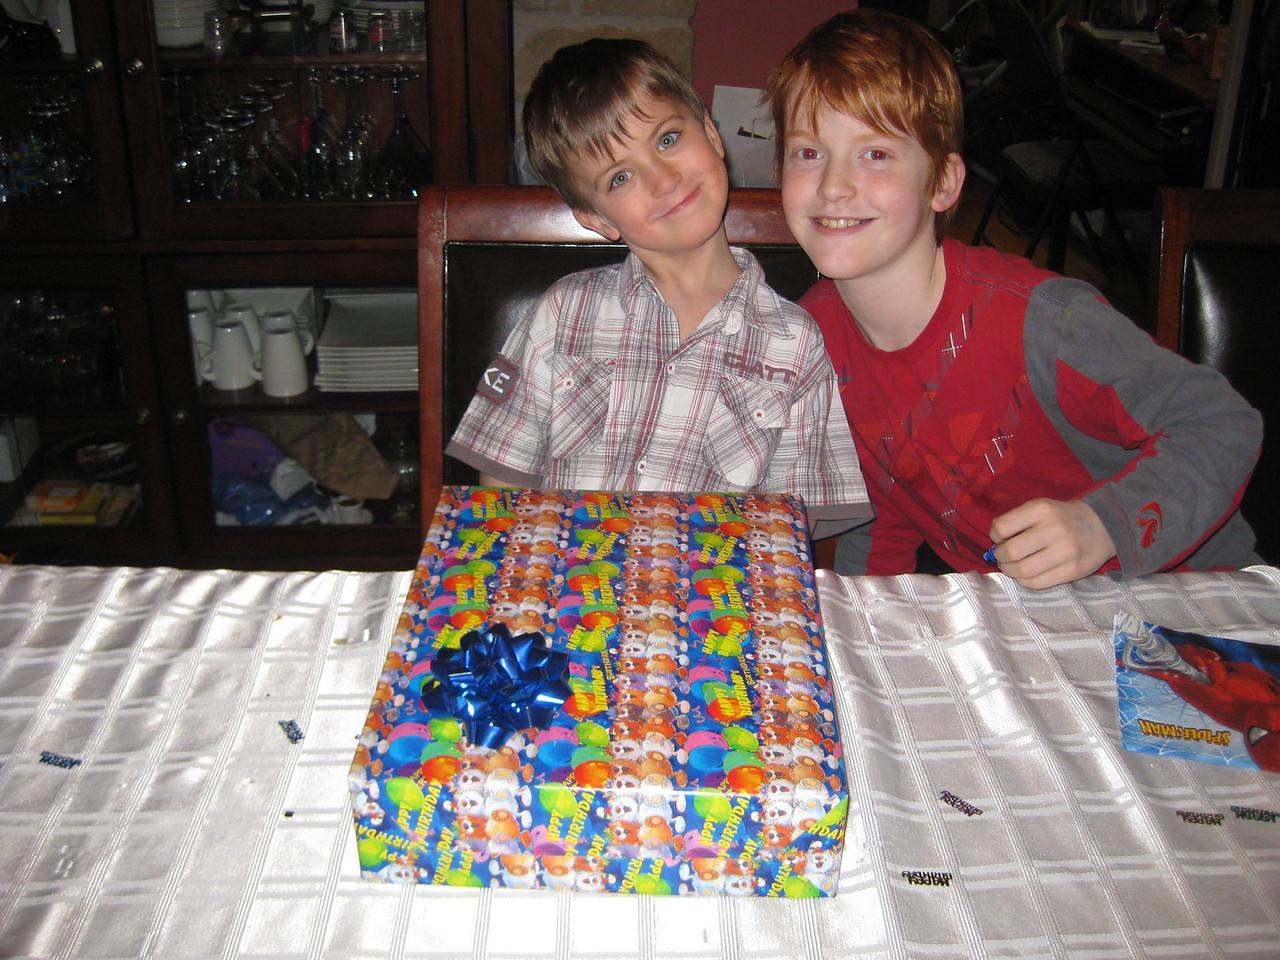 Williams Birthday - March 27th 2011